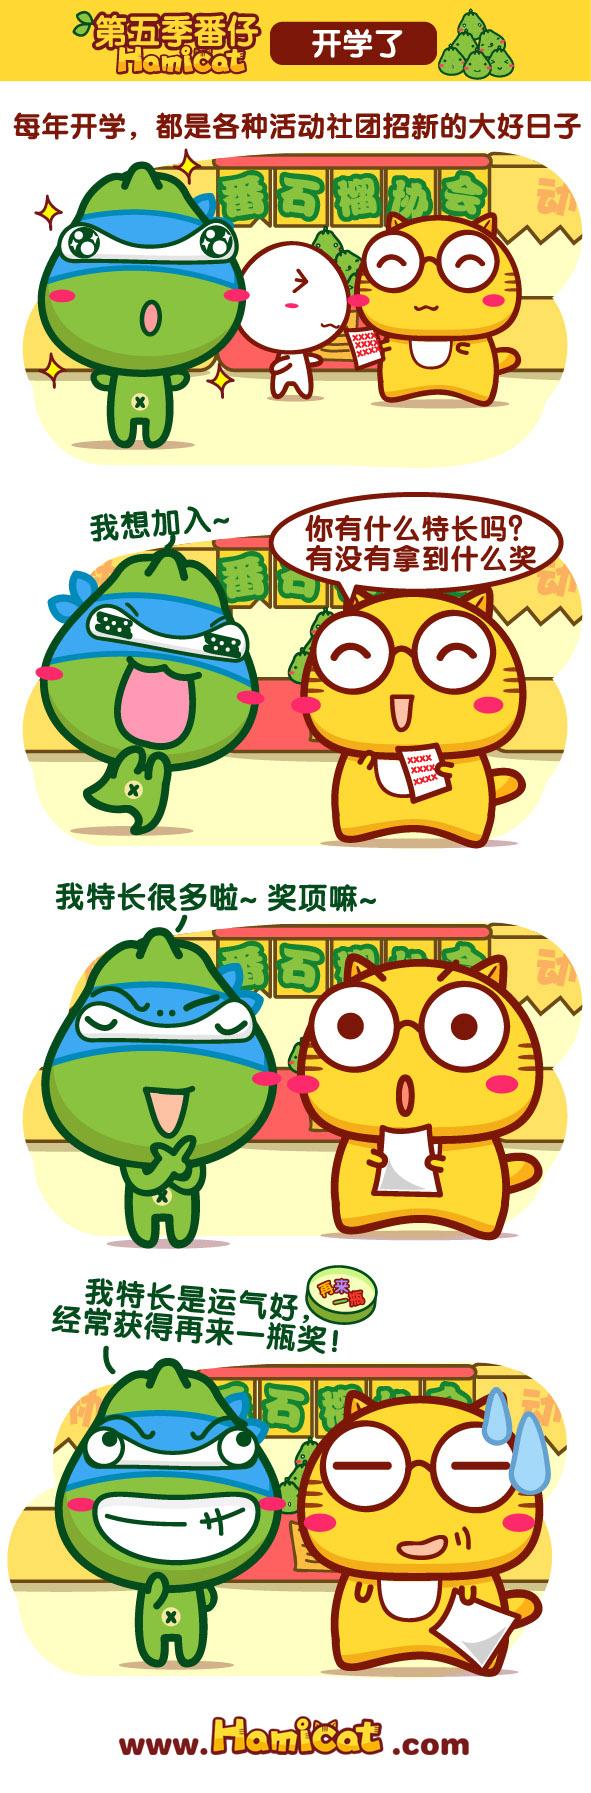 健力宝x哈咪猫漫画3月-02.jpg